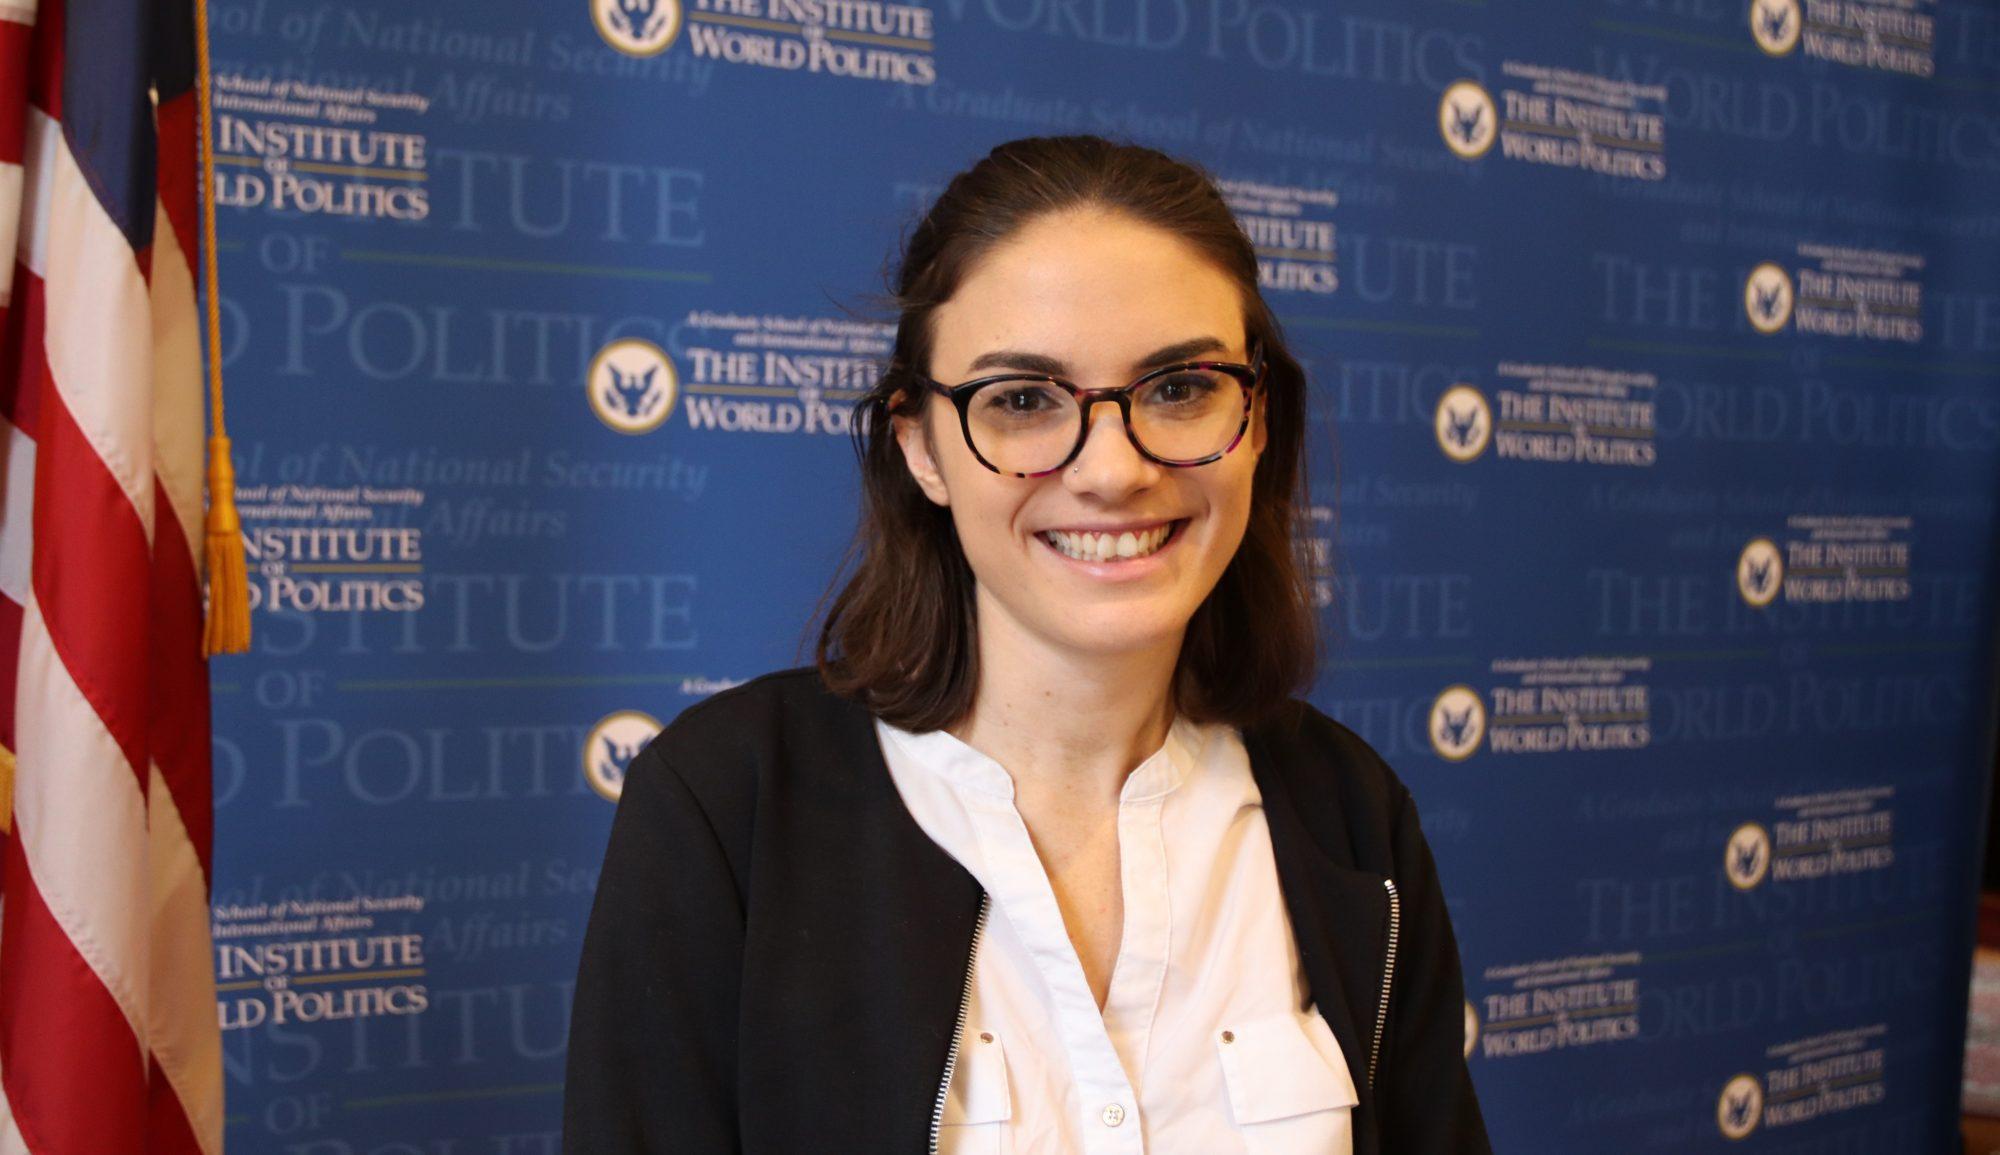 Olivia Estes